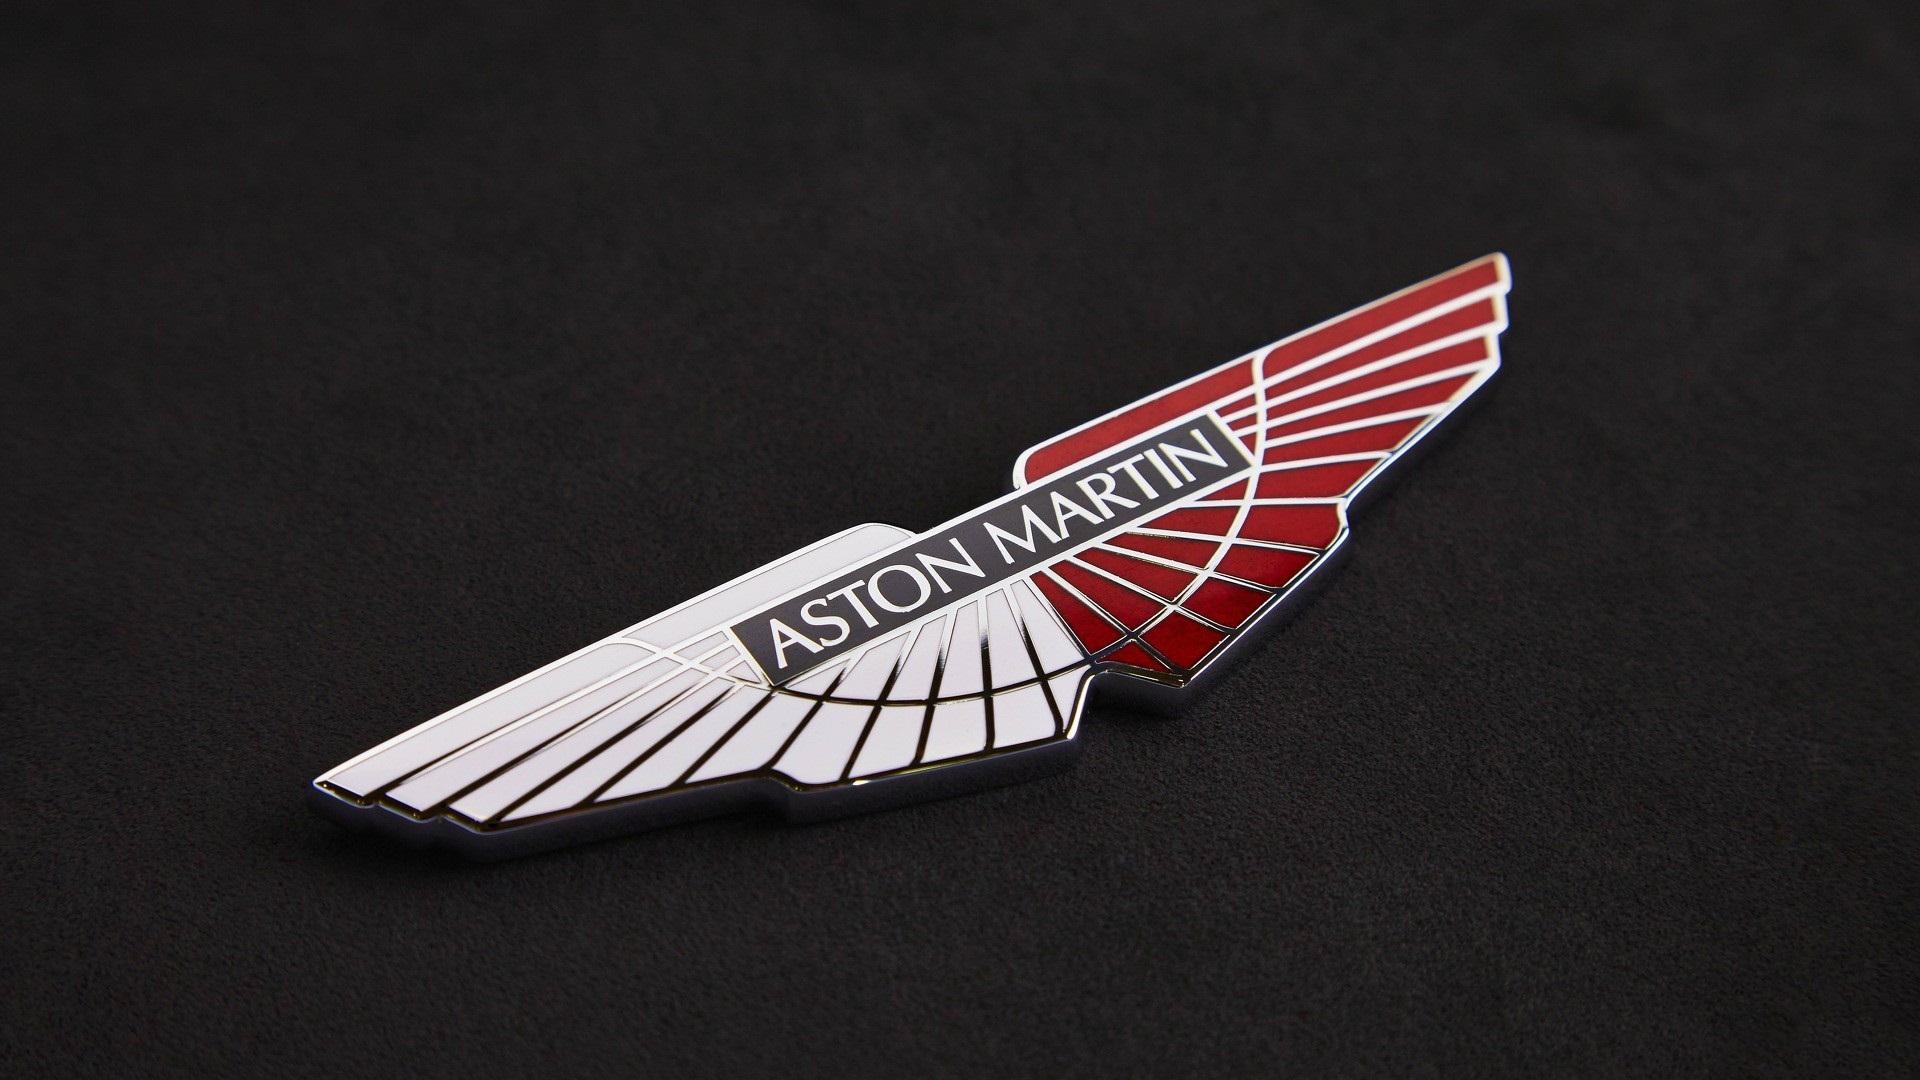 Aston Martin Logo Desktop Wallpaper 59085 1920x1080px 1920x1080